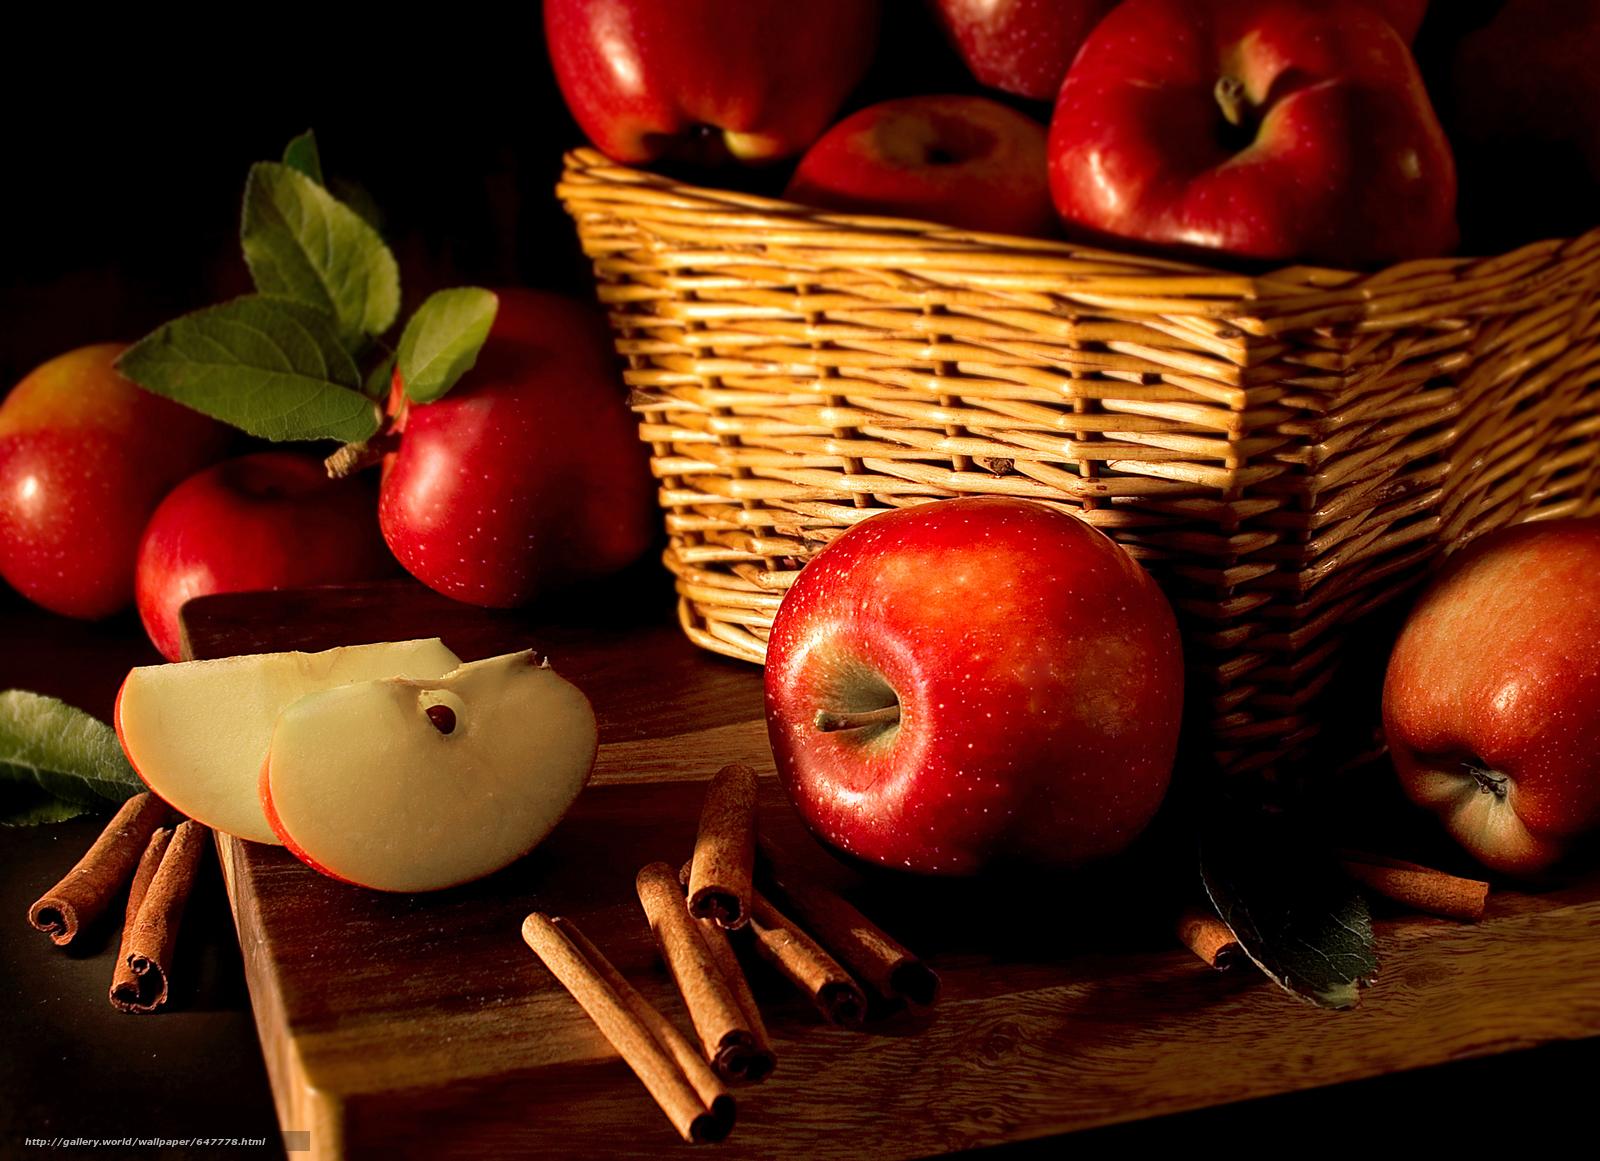 Скачать обои яблоки,  фрукты,  еда бесплатно для рабочего стола в разрешении 5436x3944 — картинка №647778